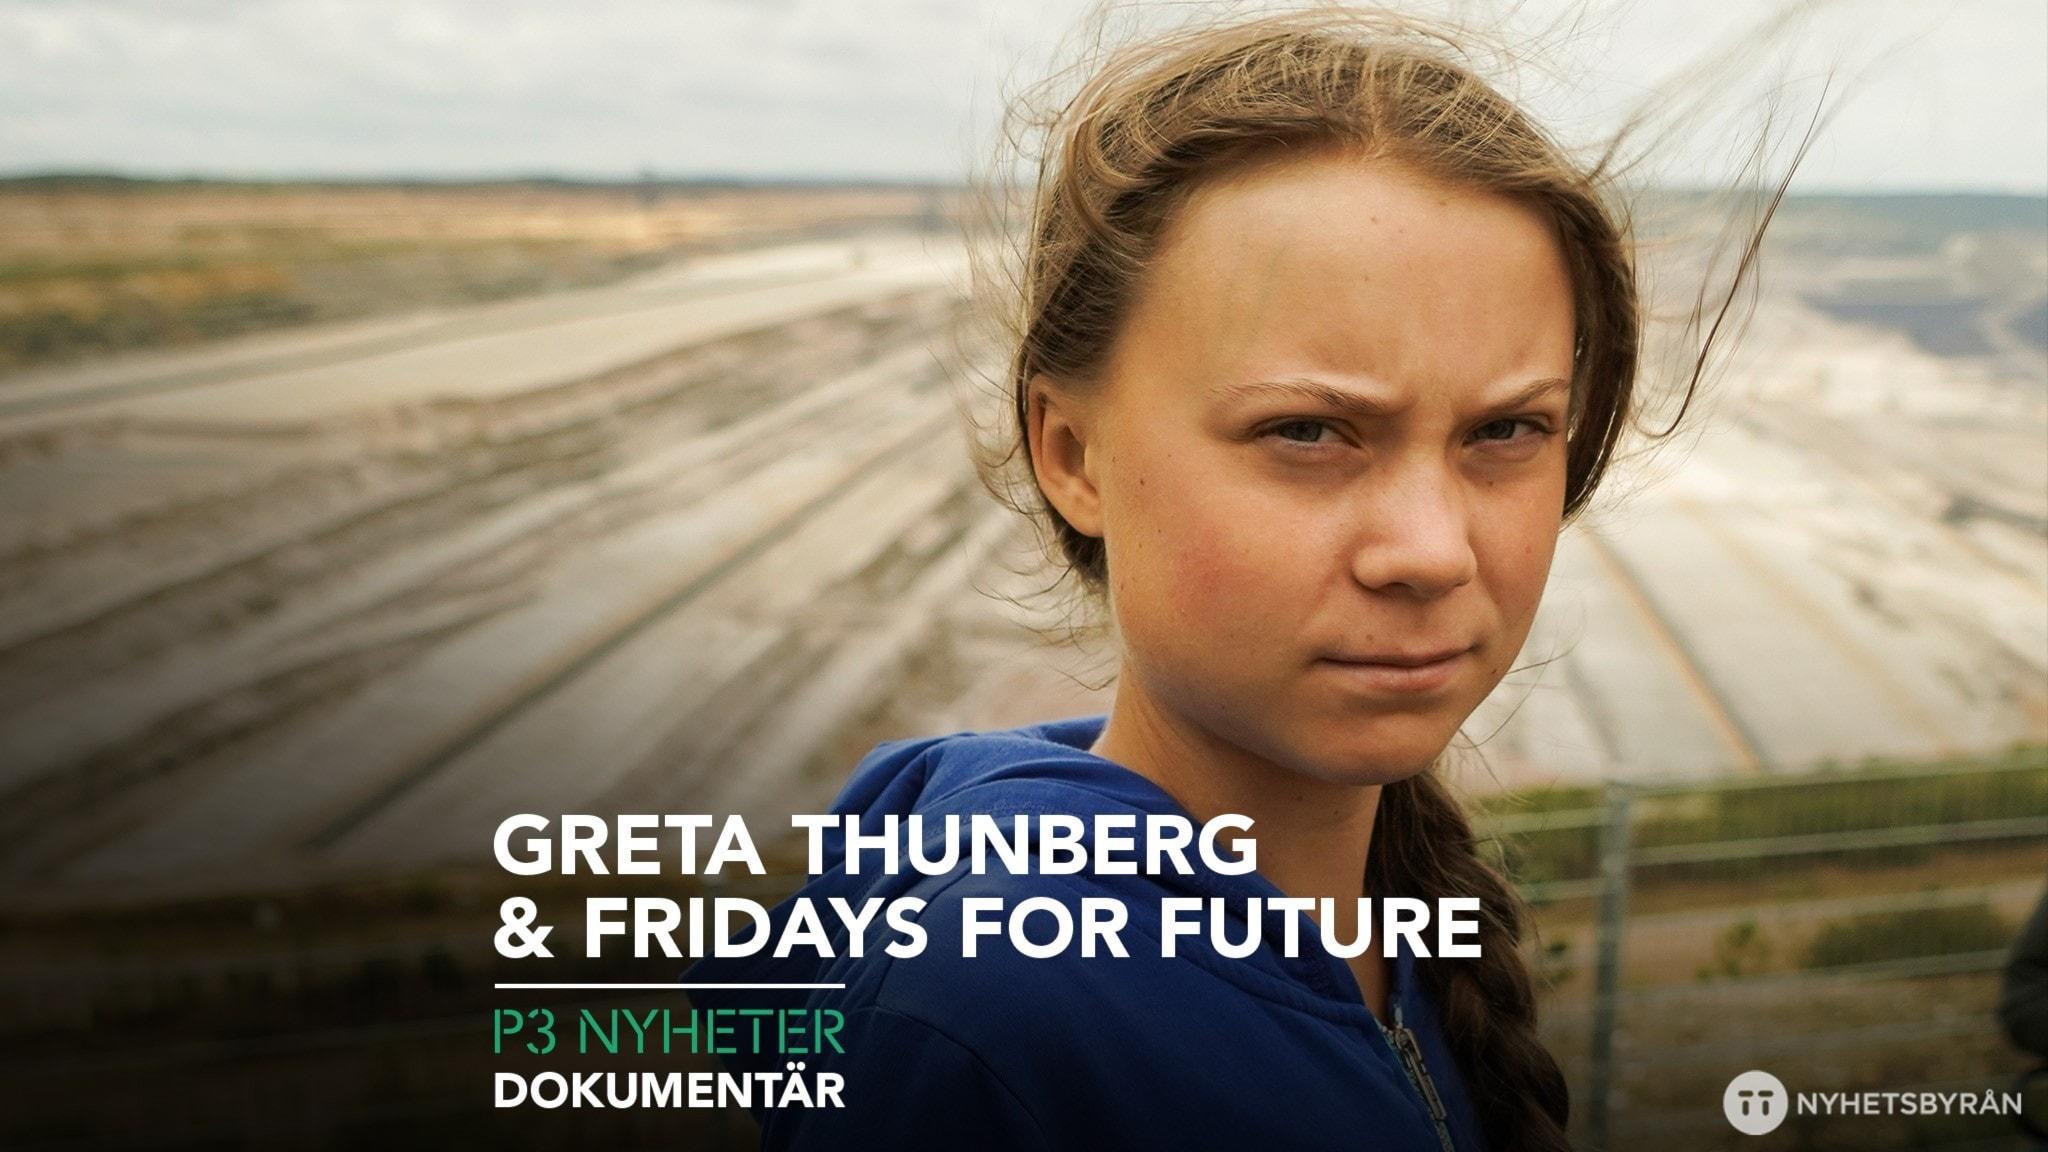 P3 Nyheter dokumentär – Greta Thunberg och Fridays for future